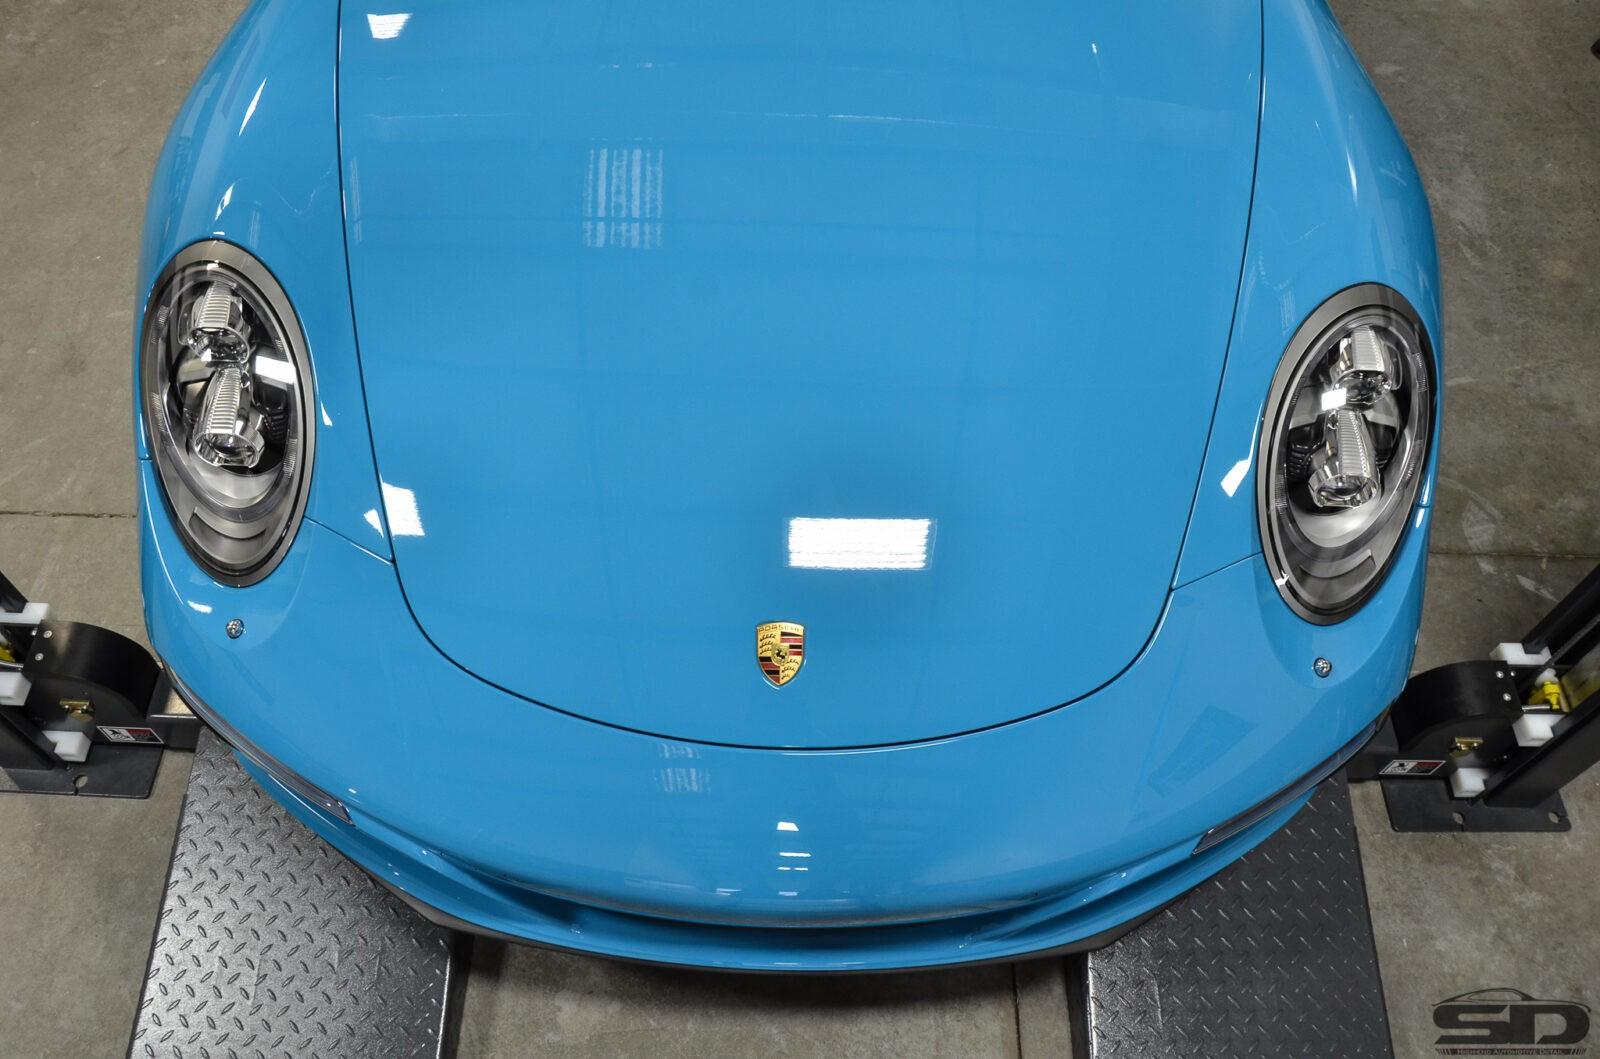 Porsche Auto Detailing Orlando, Porsche Orlando, Superior Detailer, Orlando, PPF, Paint Protection Film, Auto Detailing, Paint Protection Orlando, Paint Protection, High-end Detailing Orlando, Luxury Detailing Orlando, Auto Detailing Orlando,